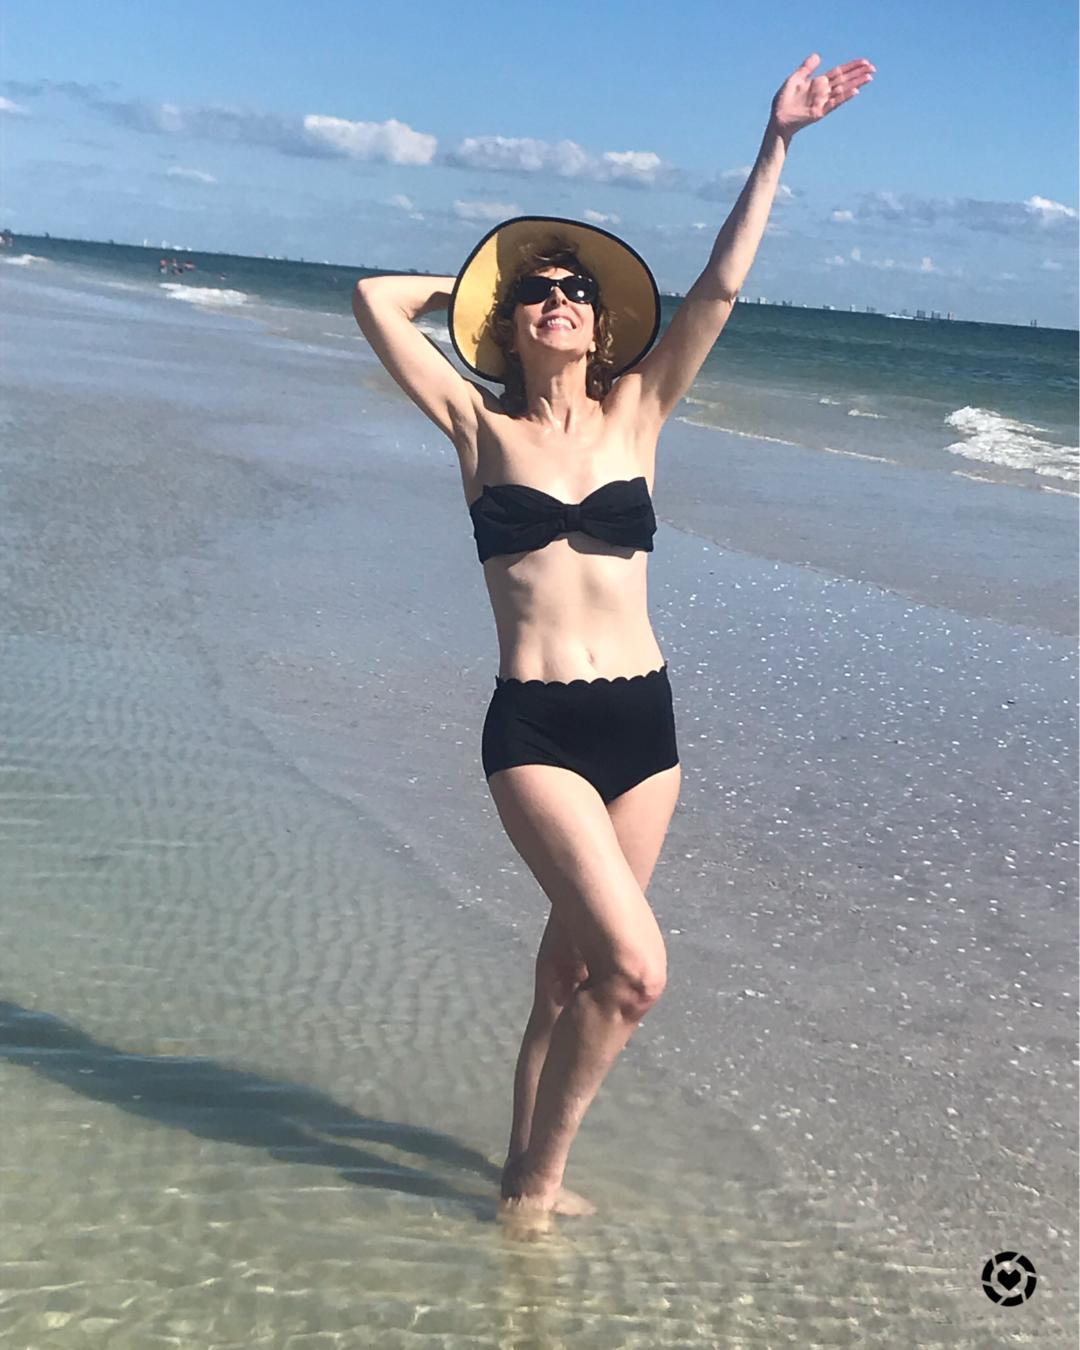 woman in bikini on a beach